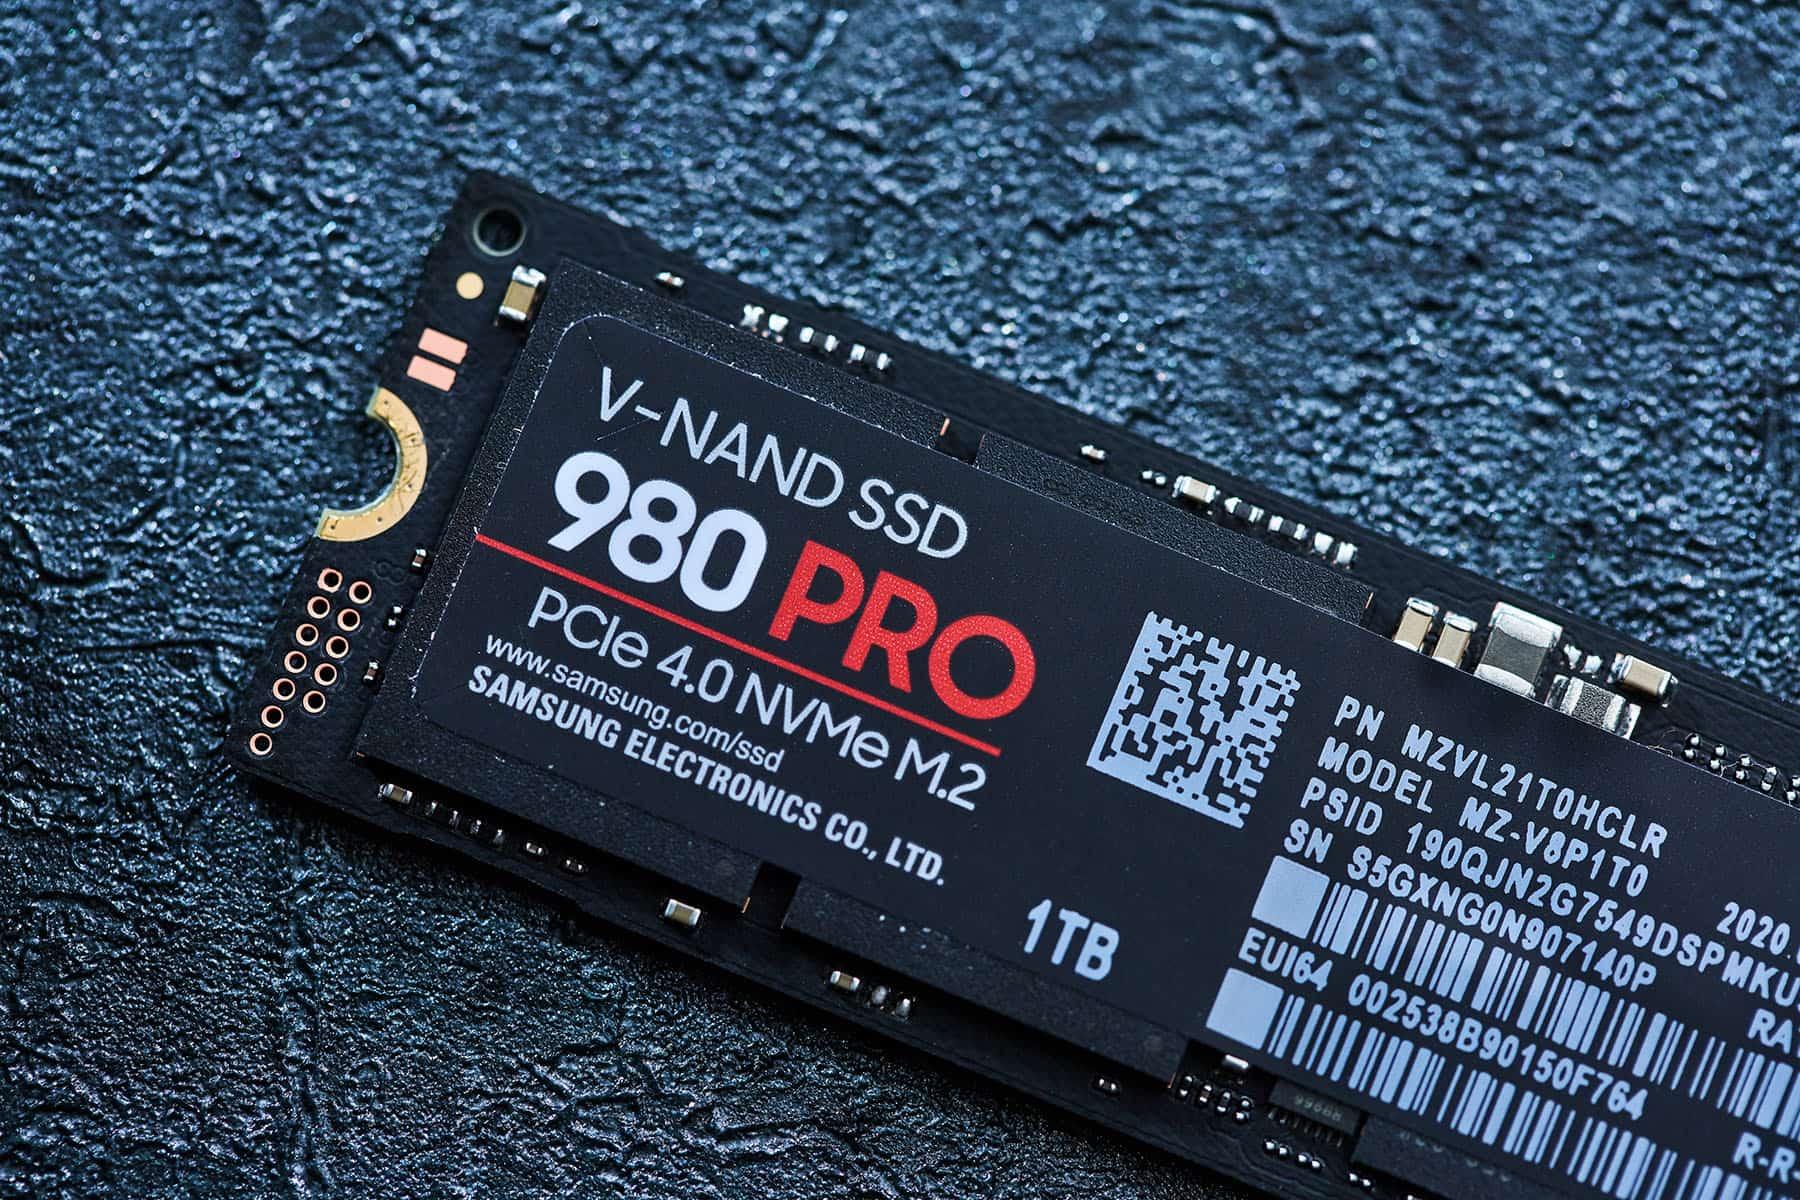 SSD 尾端有螺絲固定用的缺口。